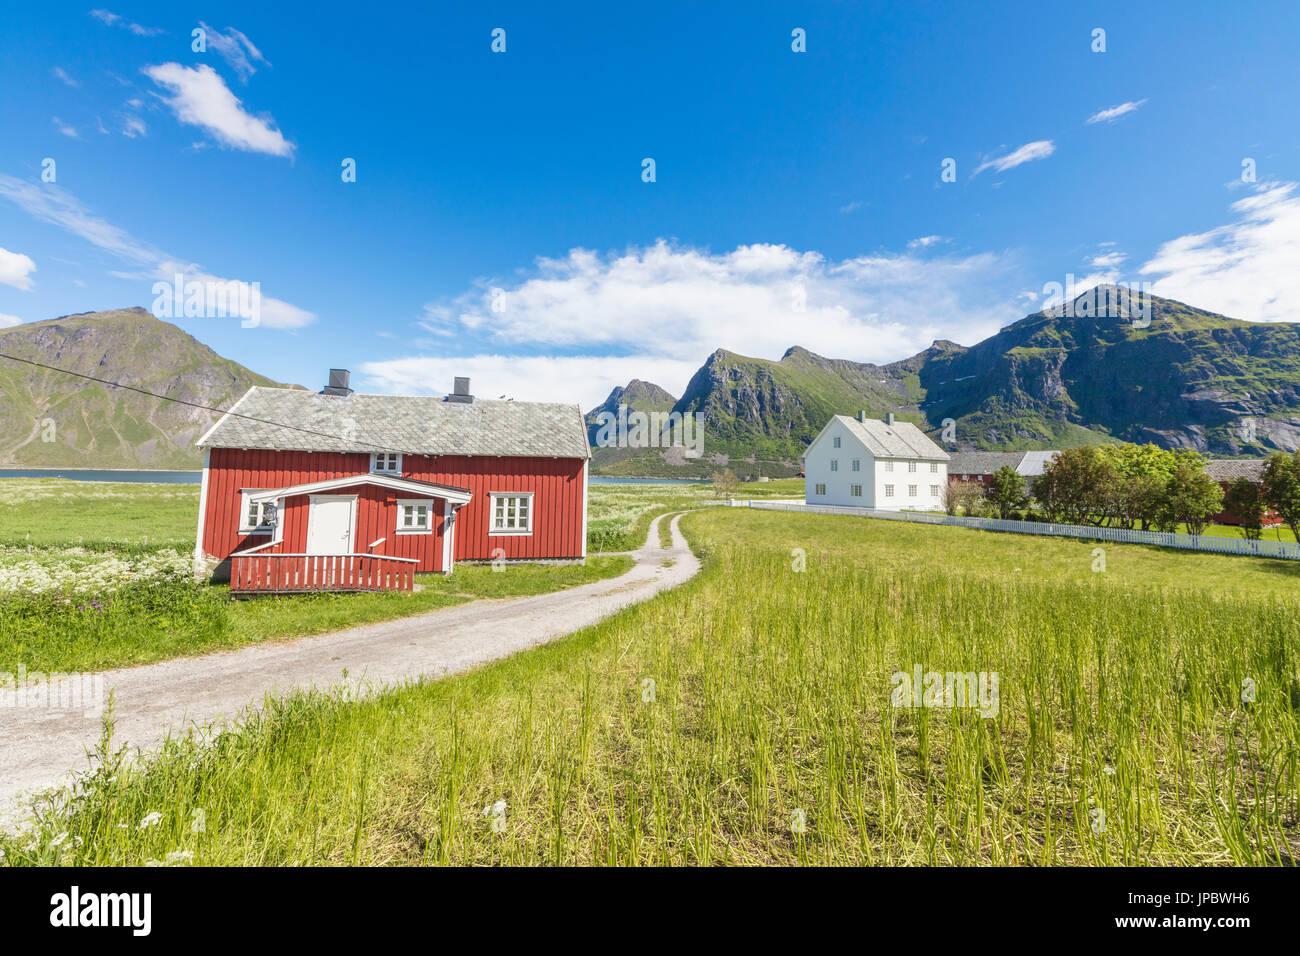 Grünen Rasen und Wiesen umrahmen die typischen Häuser genannt Fischerorten in die Fischerei Dorf Flakstad Stockbild